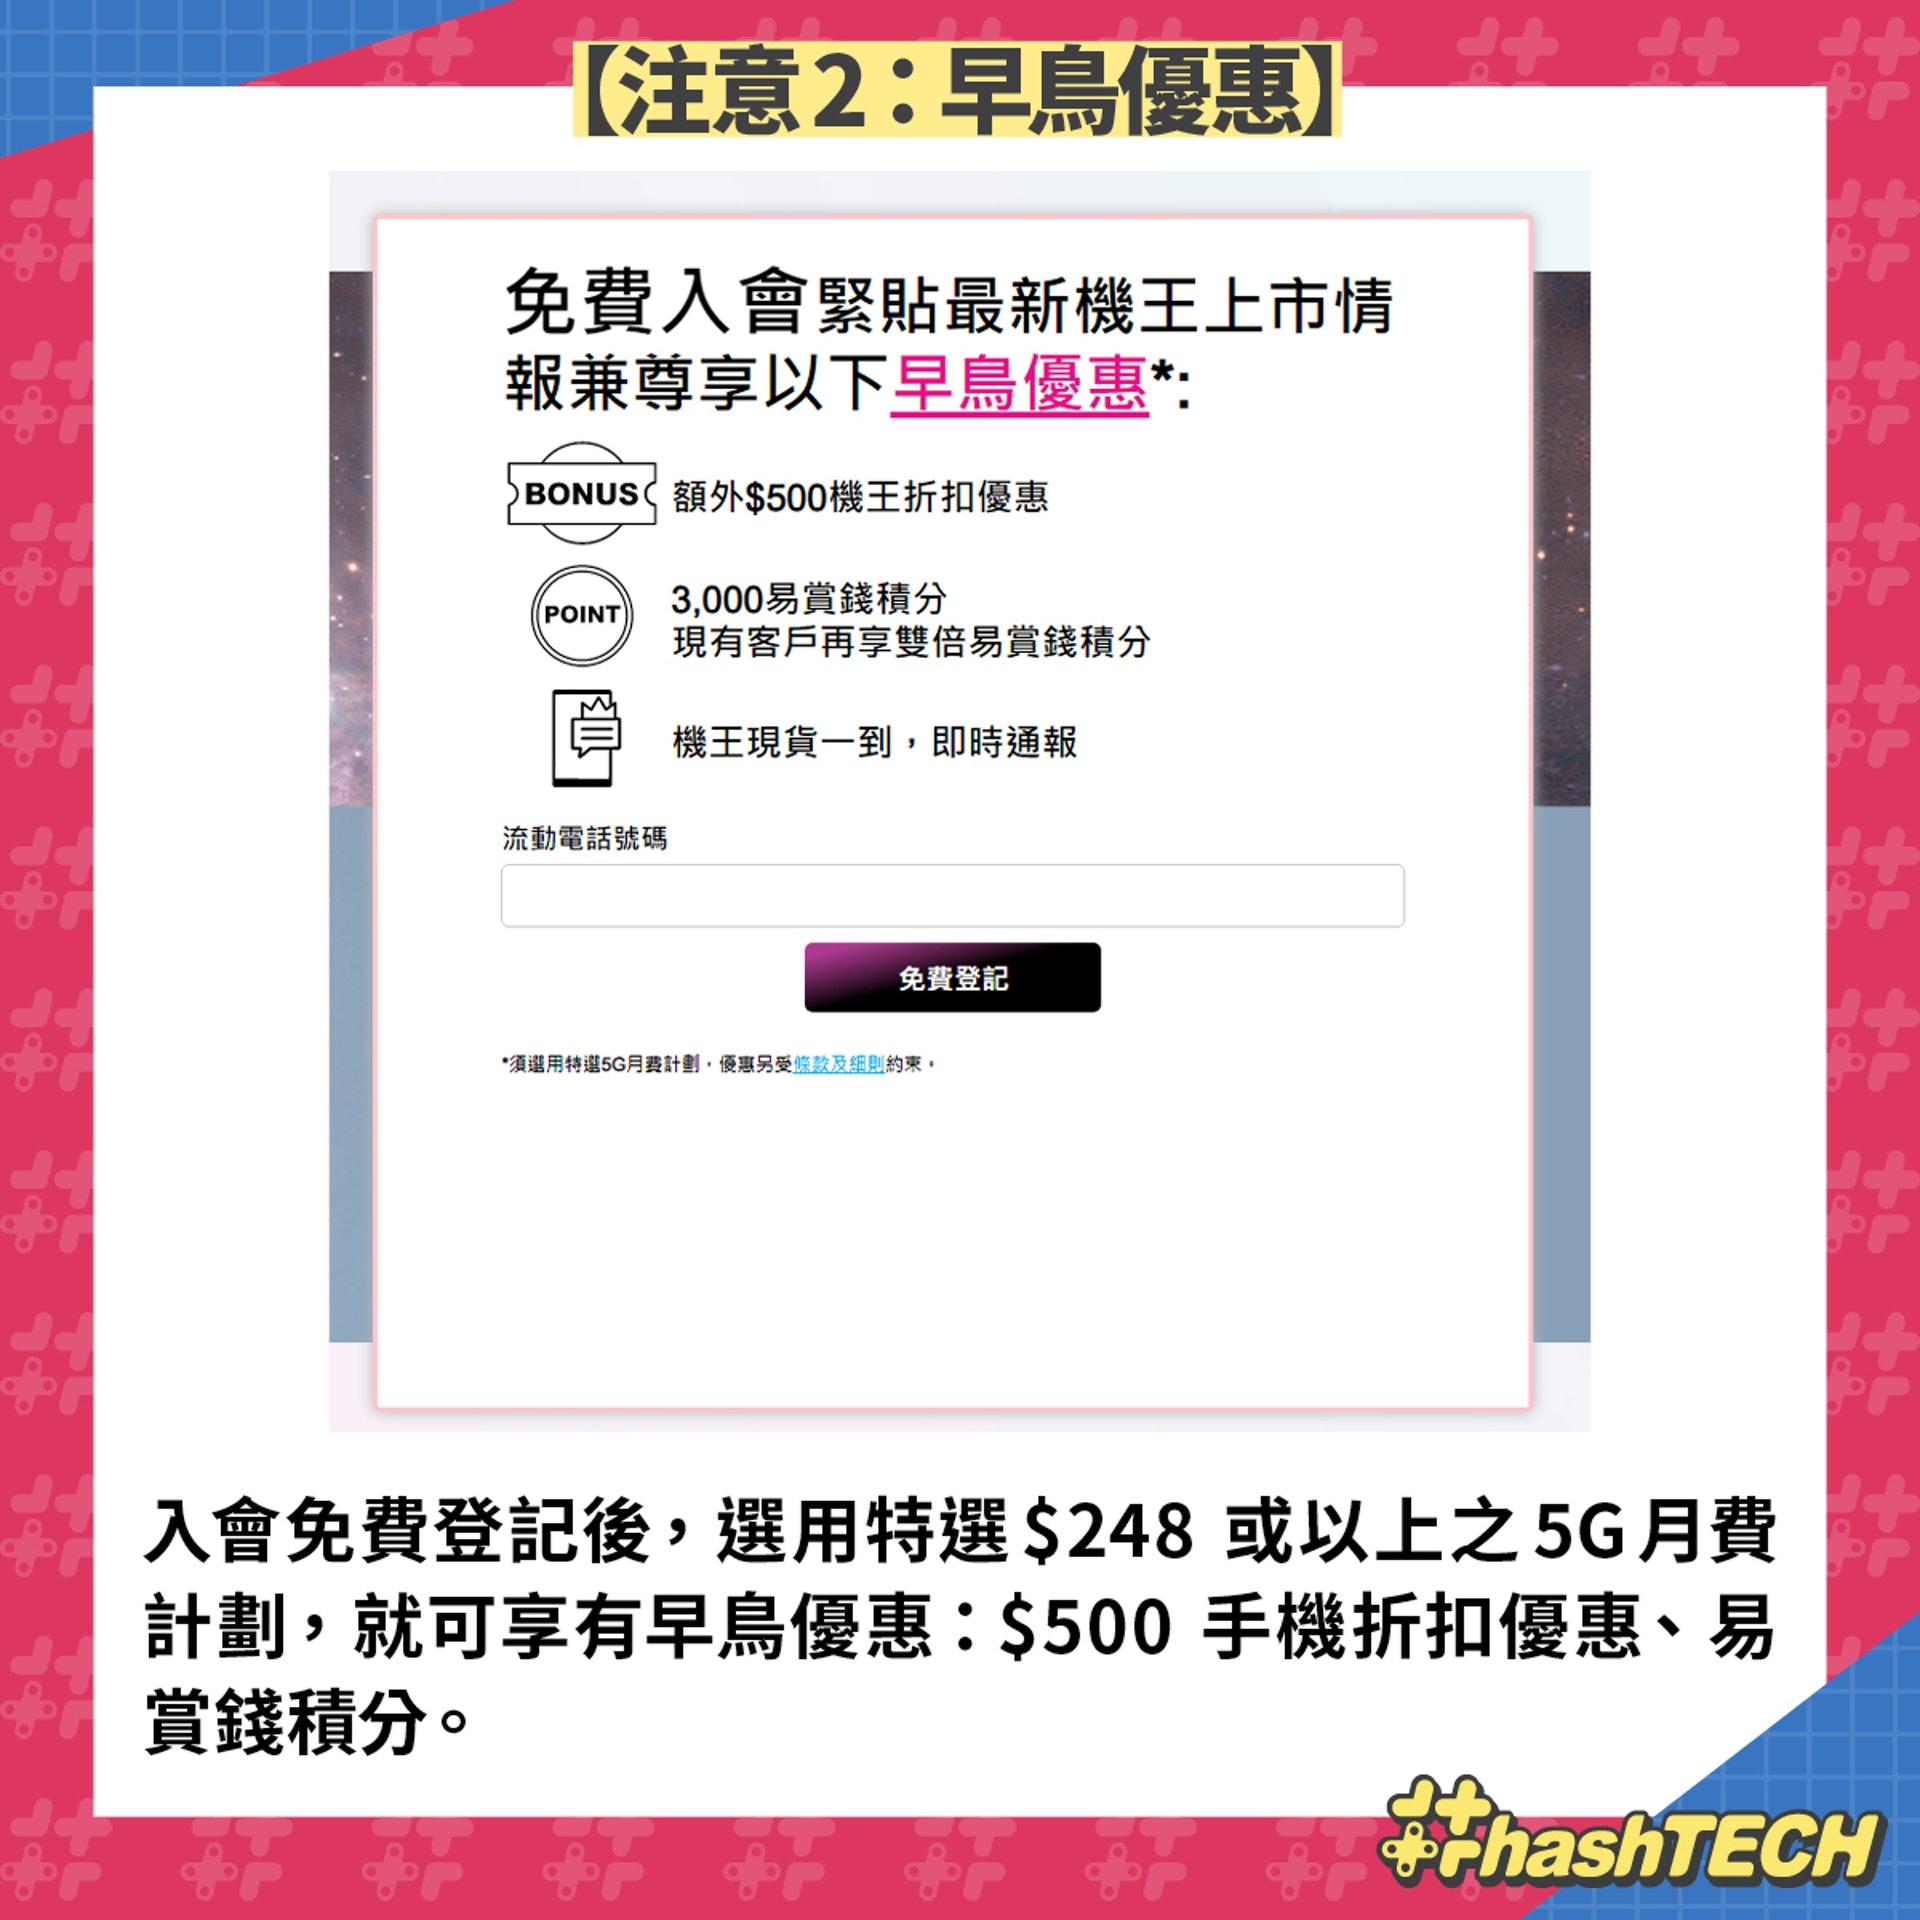 【3 香港:5G GO Phone會 6點注意】(《香港01》美術部製圖)